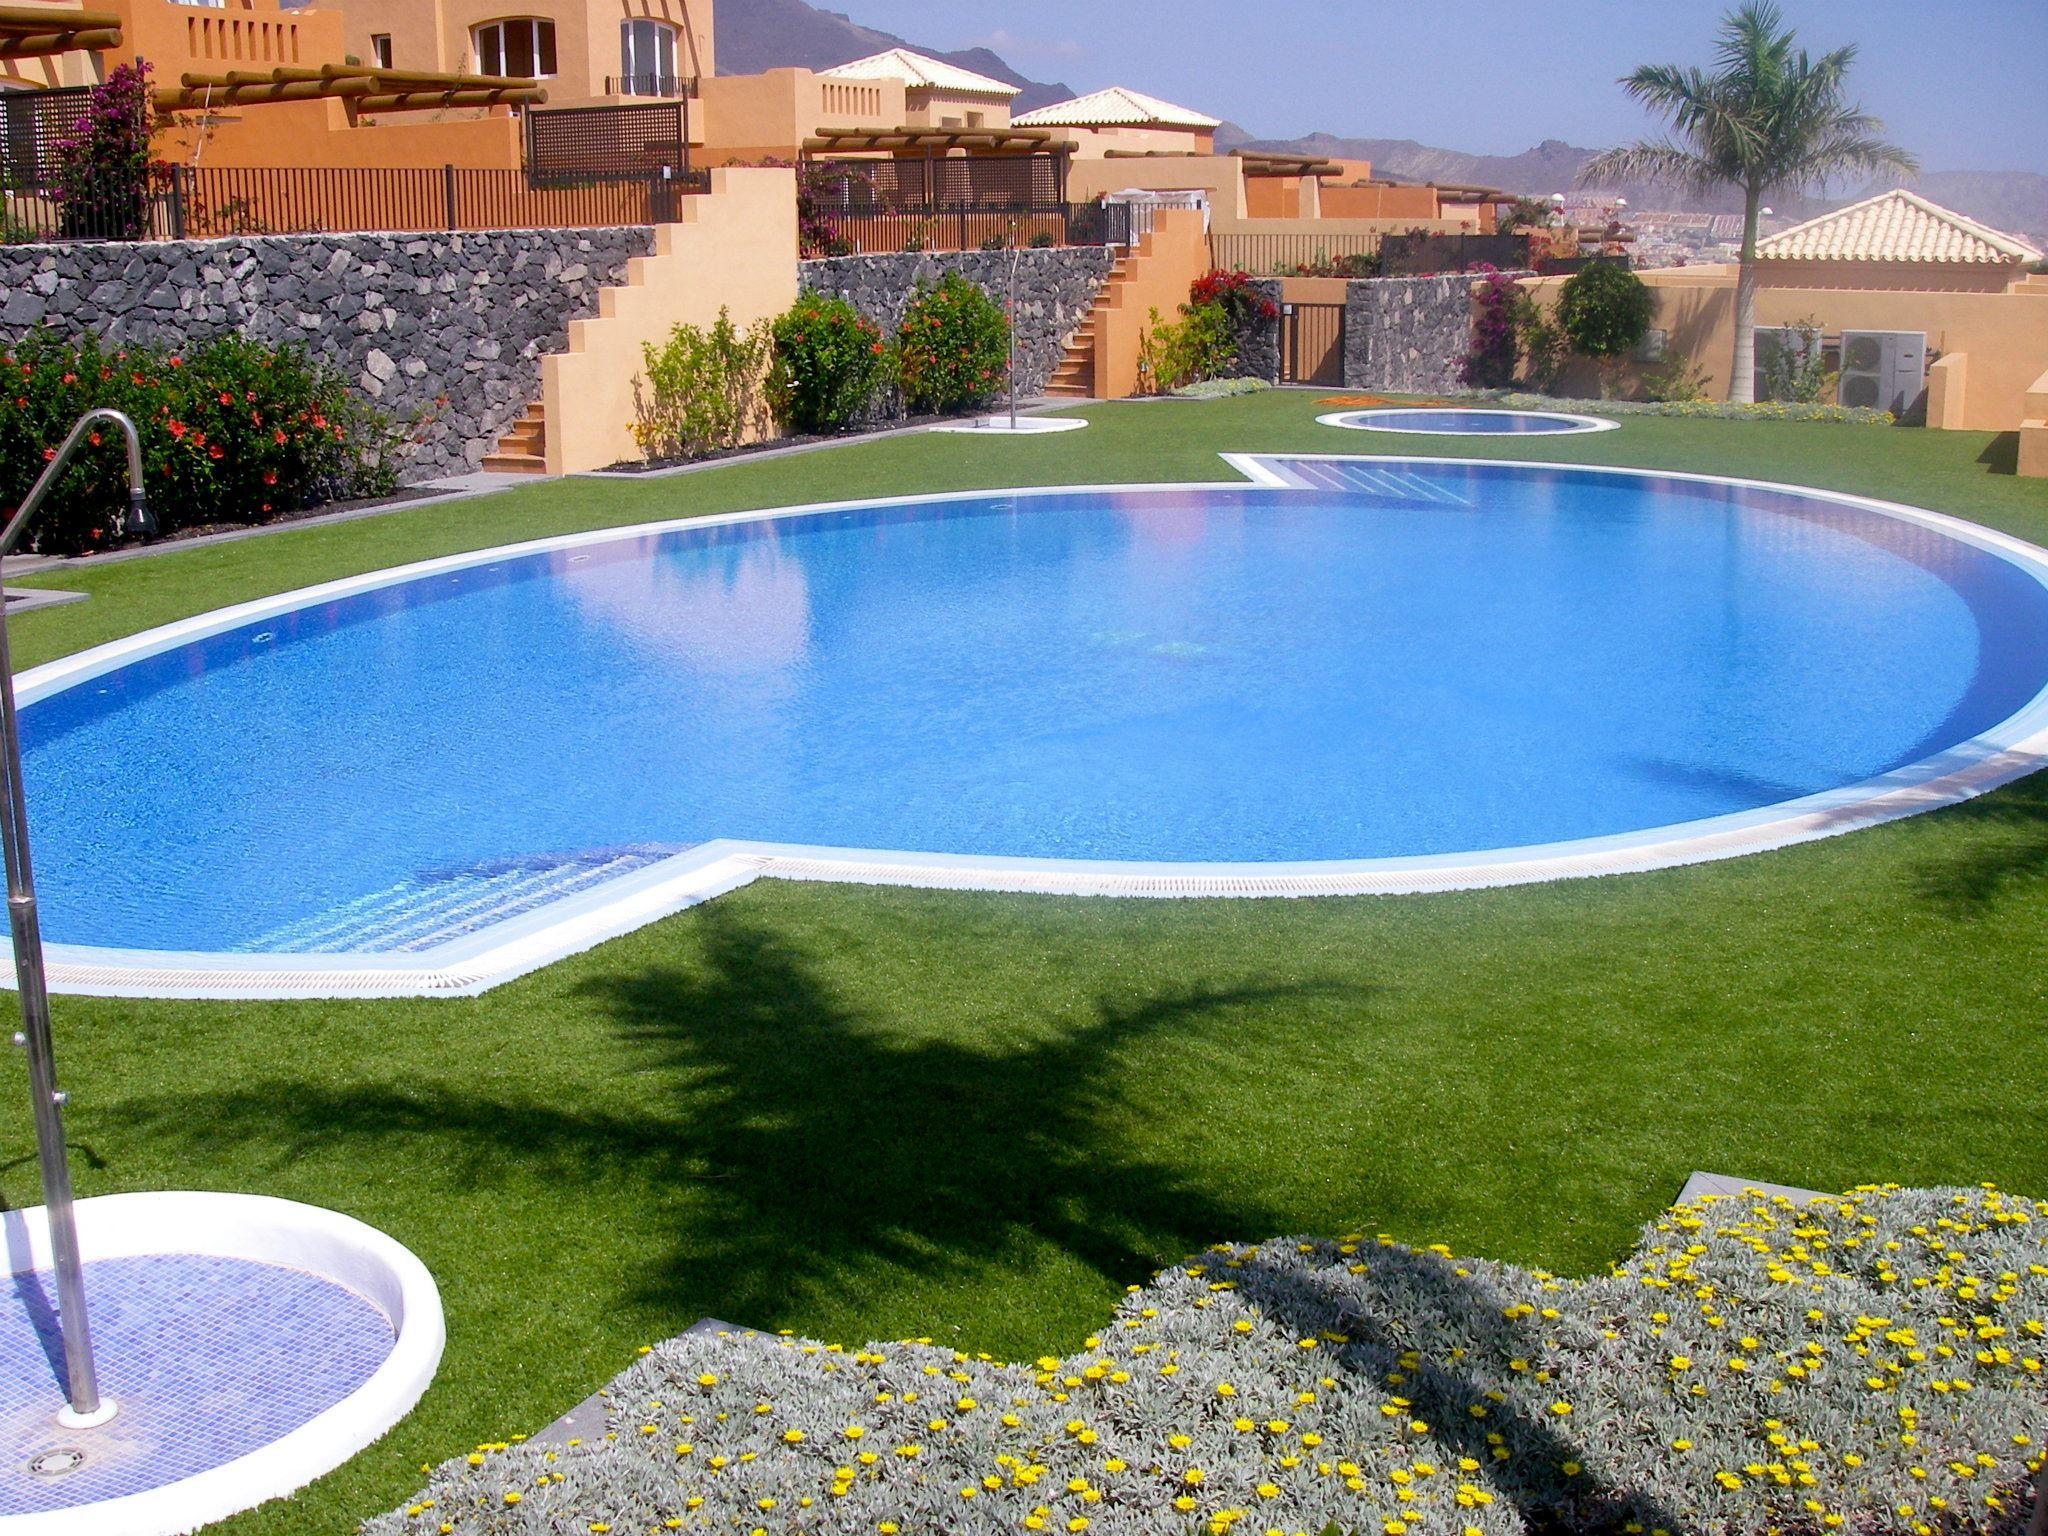 Inmobiliaria experta en casa de lujo en Tenerife